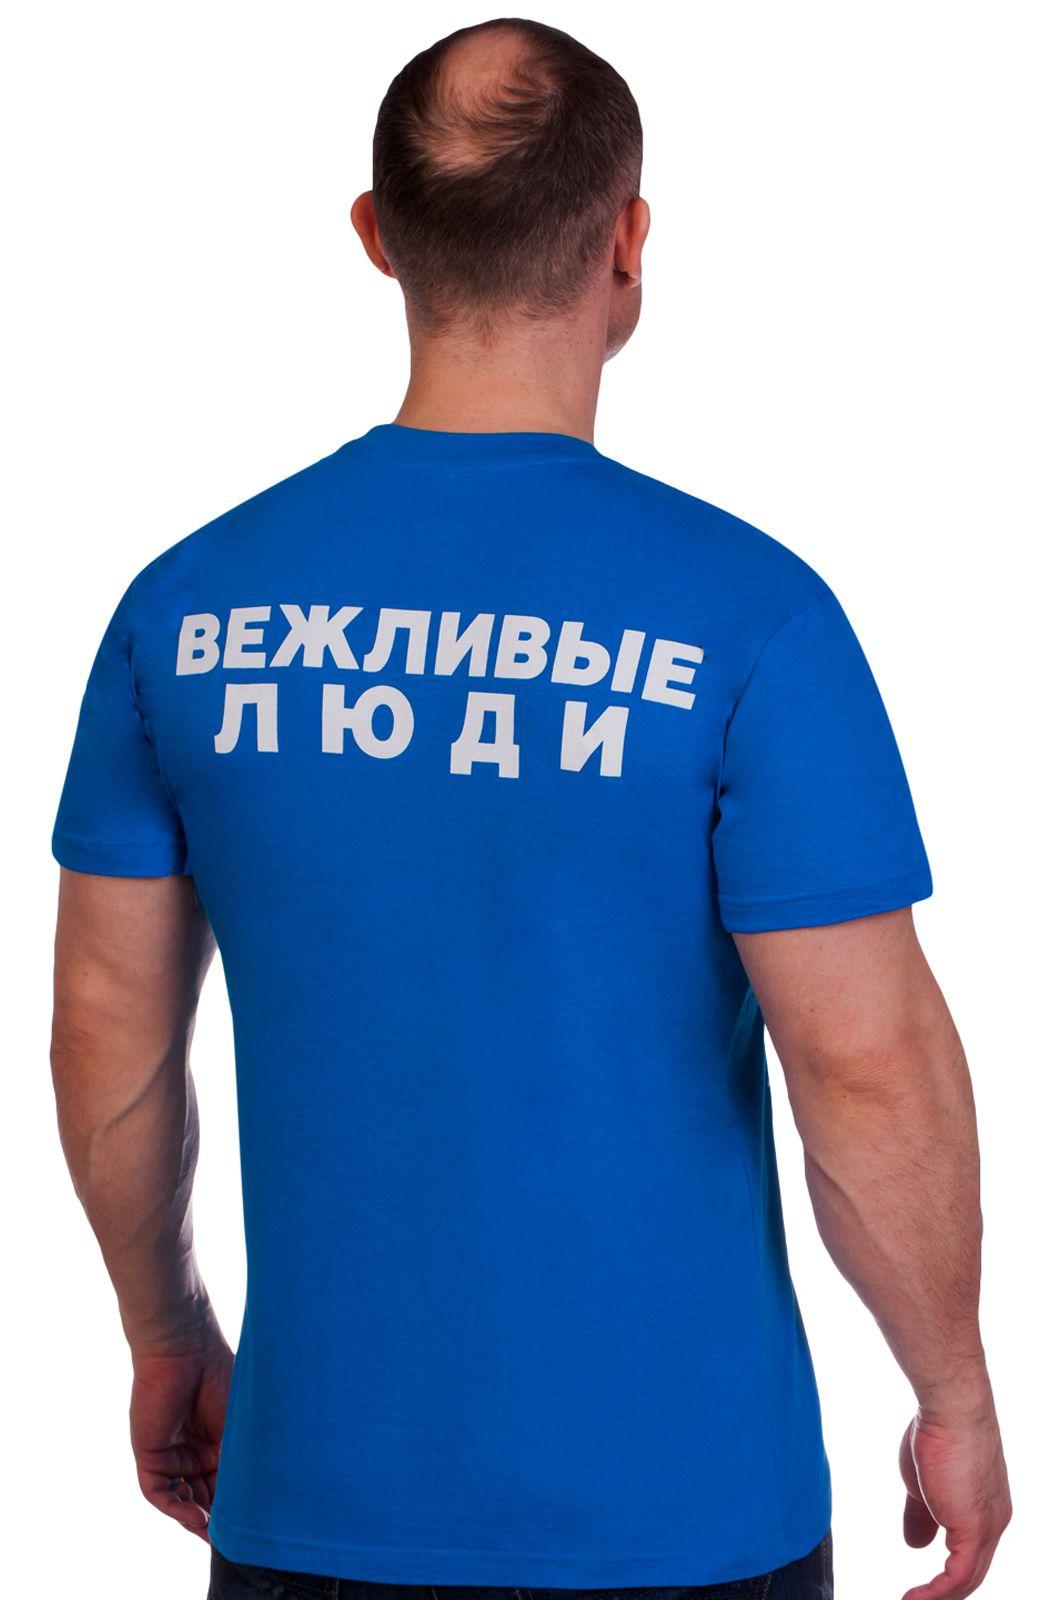 """Купить футболку """"Вежливые люди"""""""